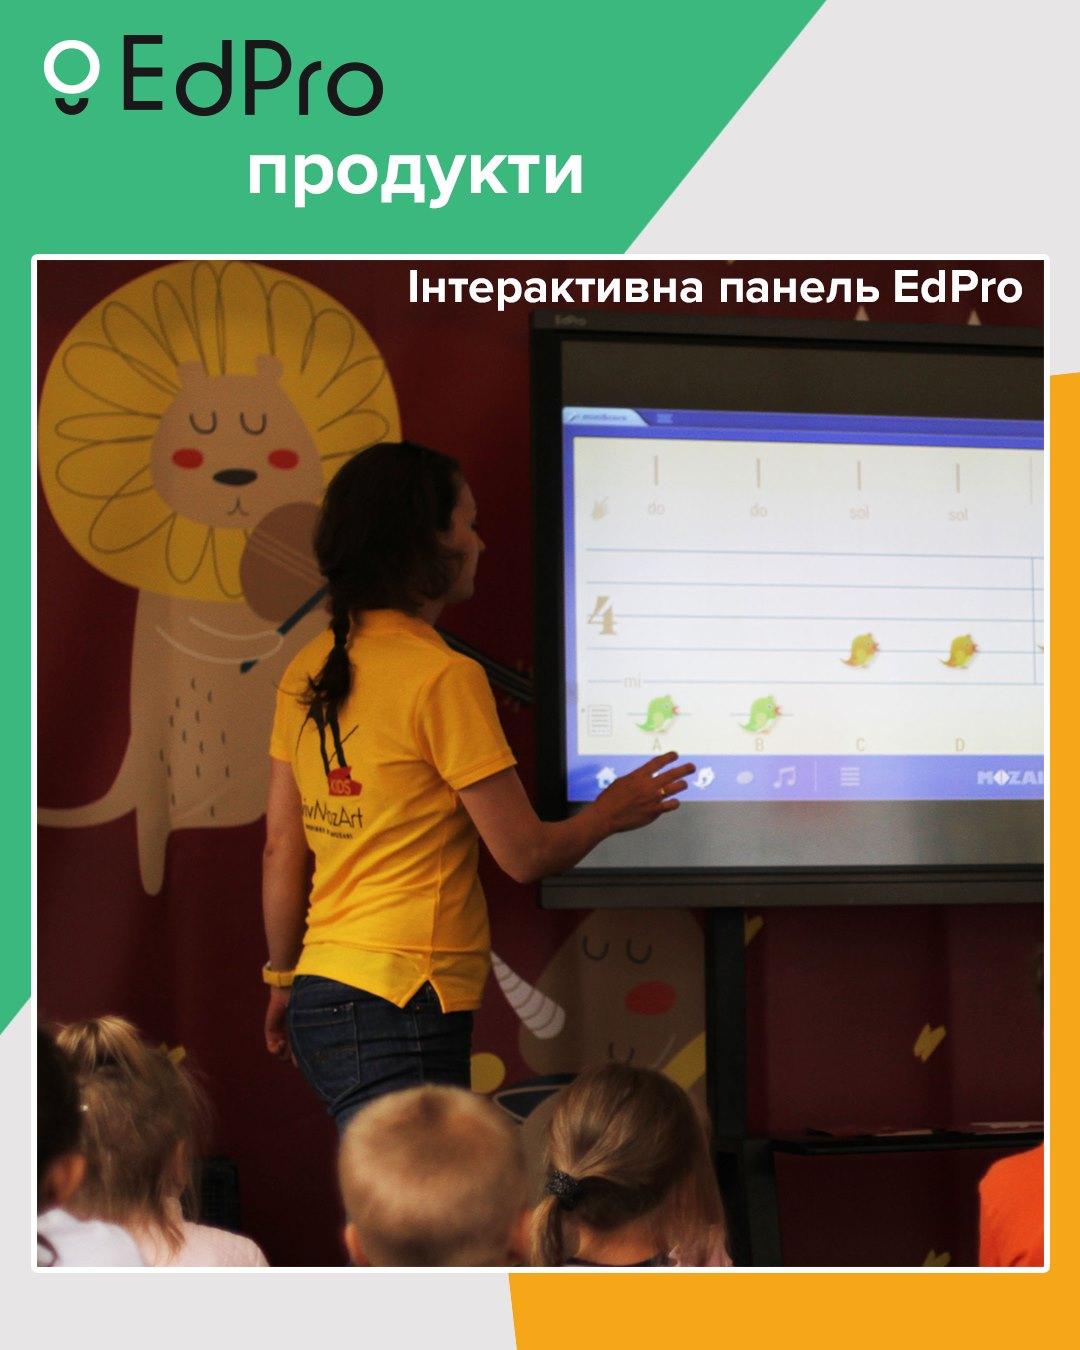 Інтерактивна панель EdPro, дошка, інтерактивна, EdPro, навчання для вчителів, Вебінари, освіта